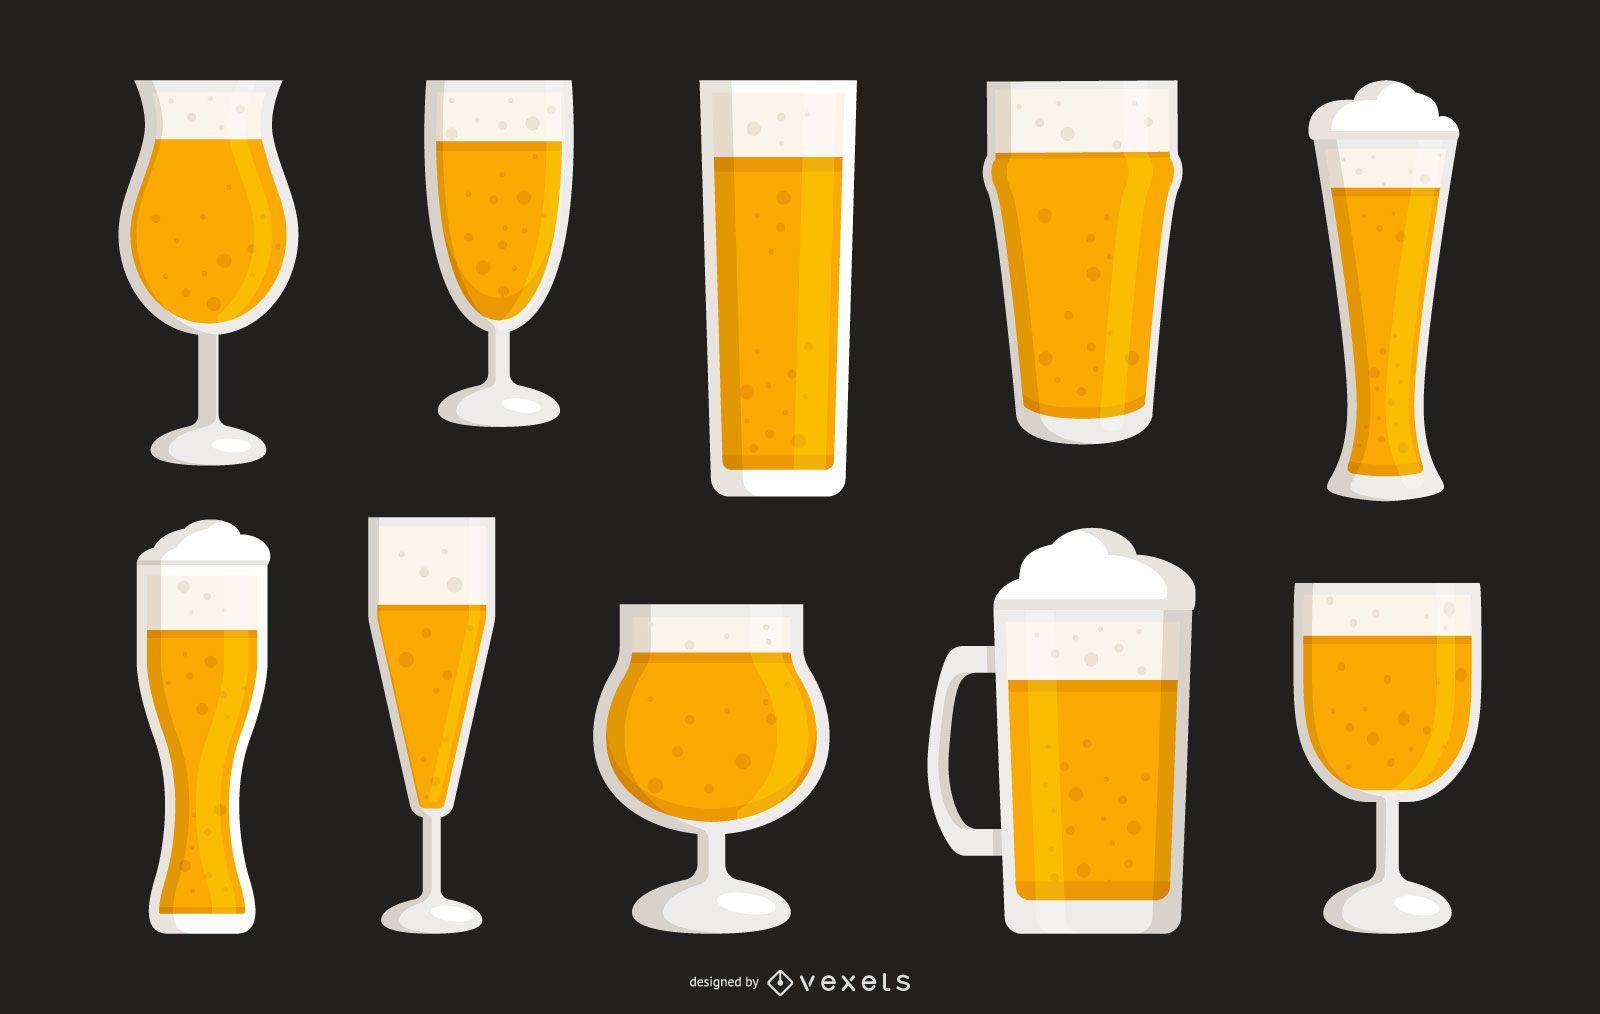 Colecci?n de vectores de vasos de cerveza